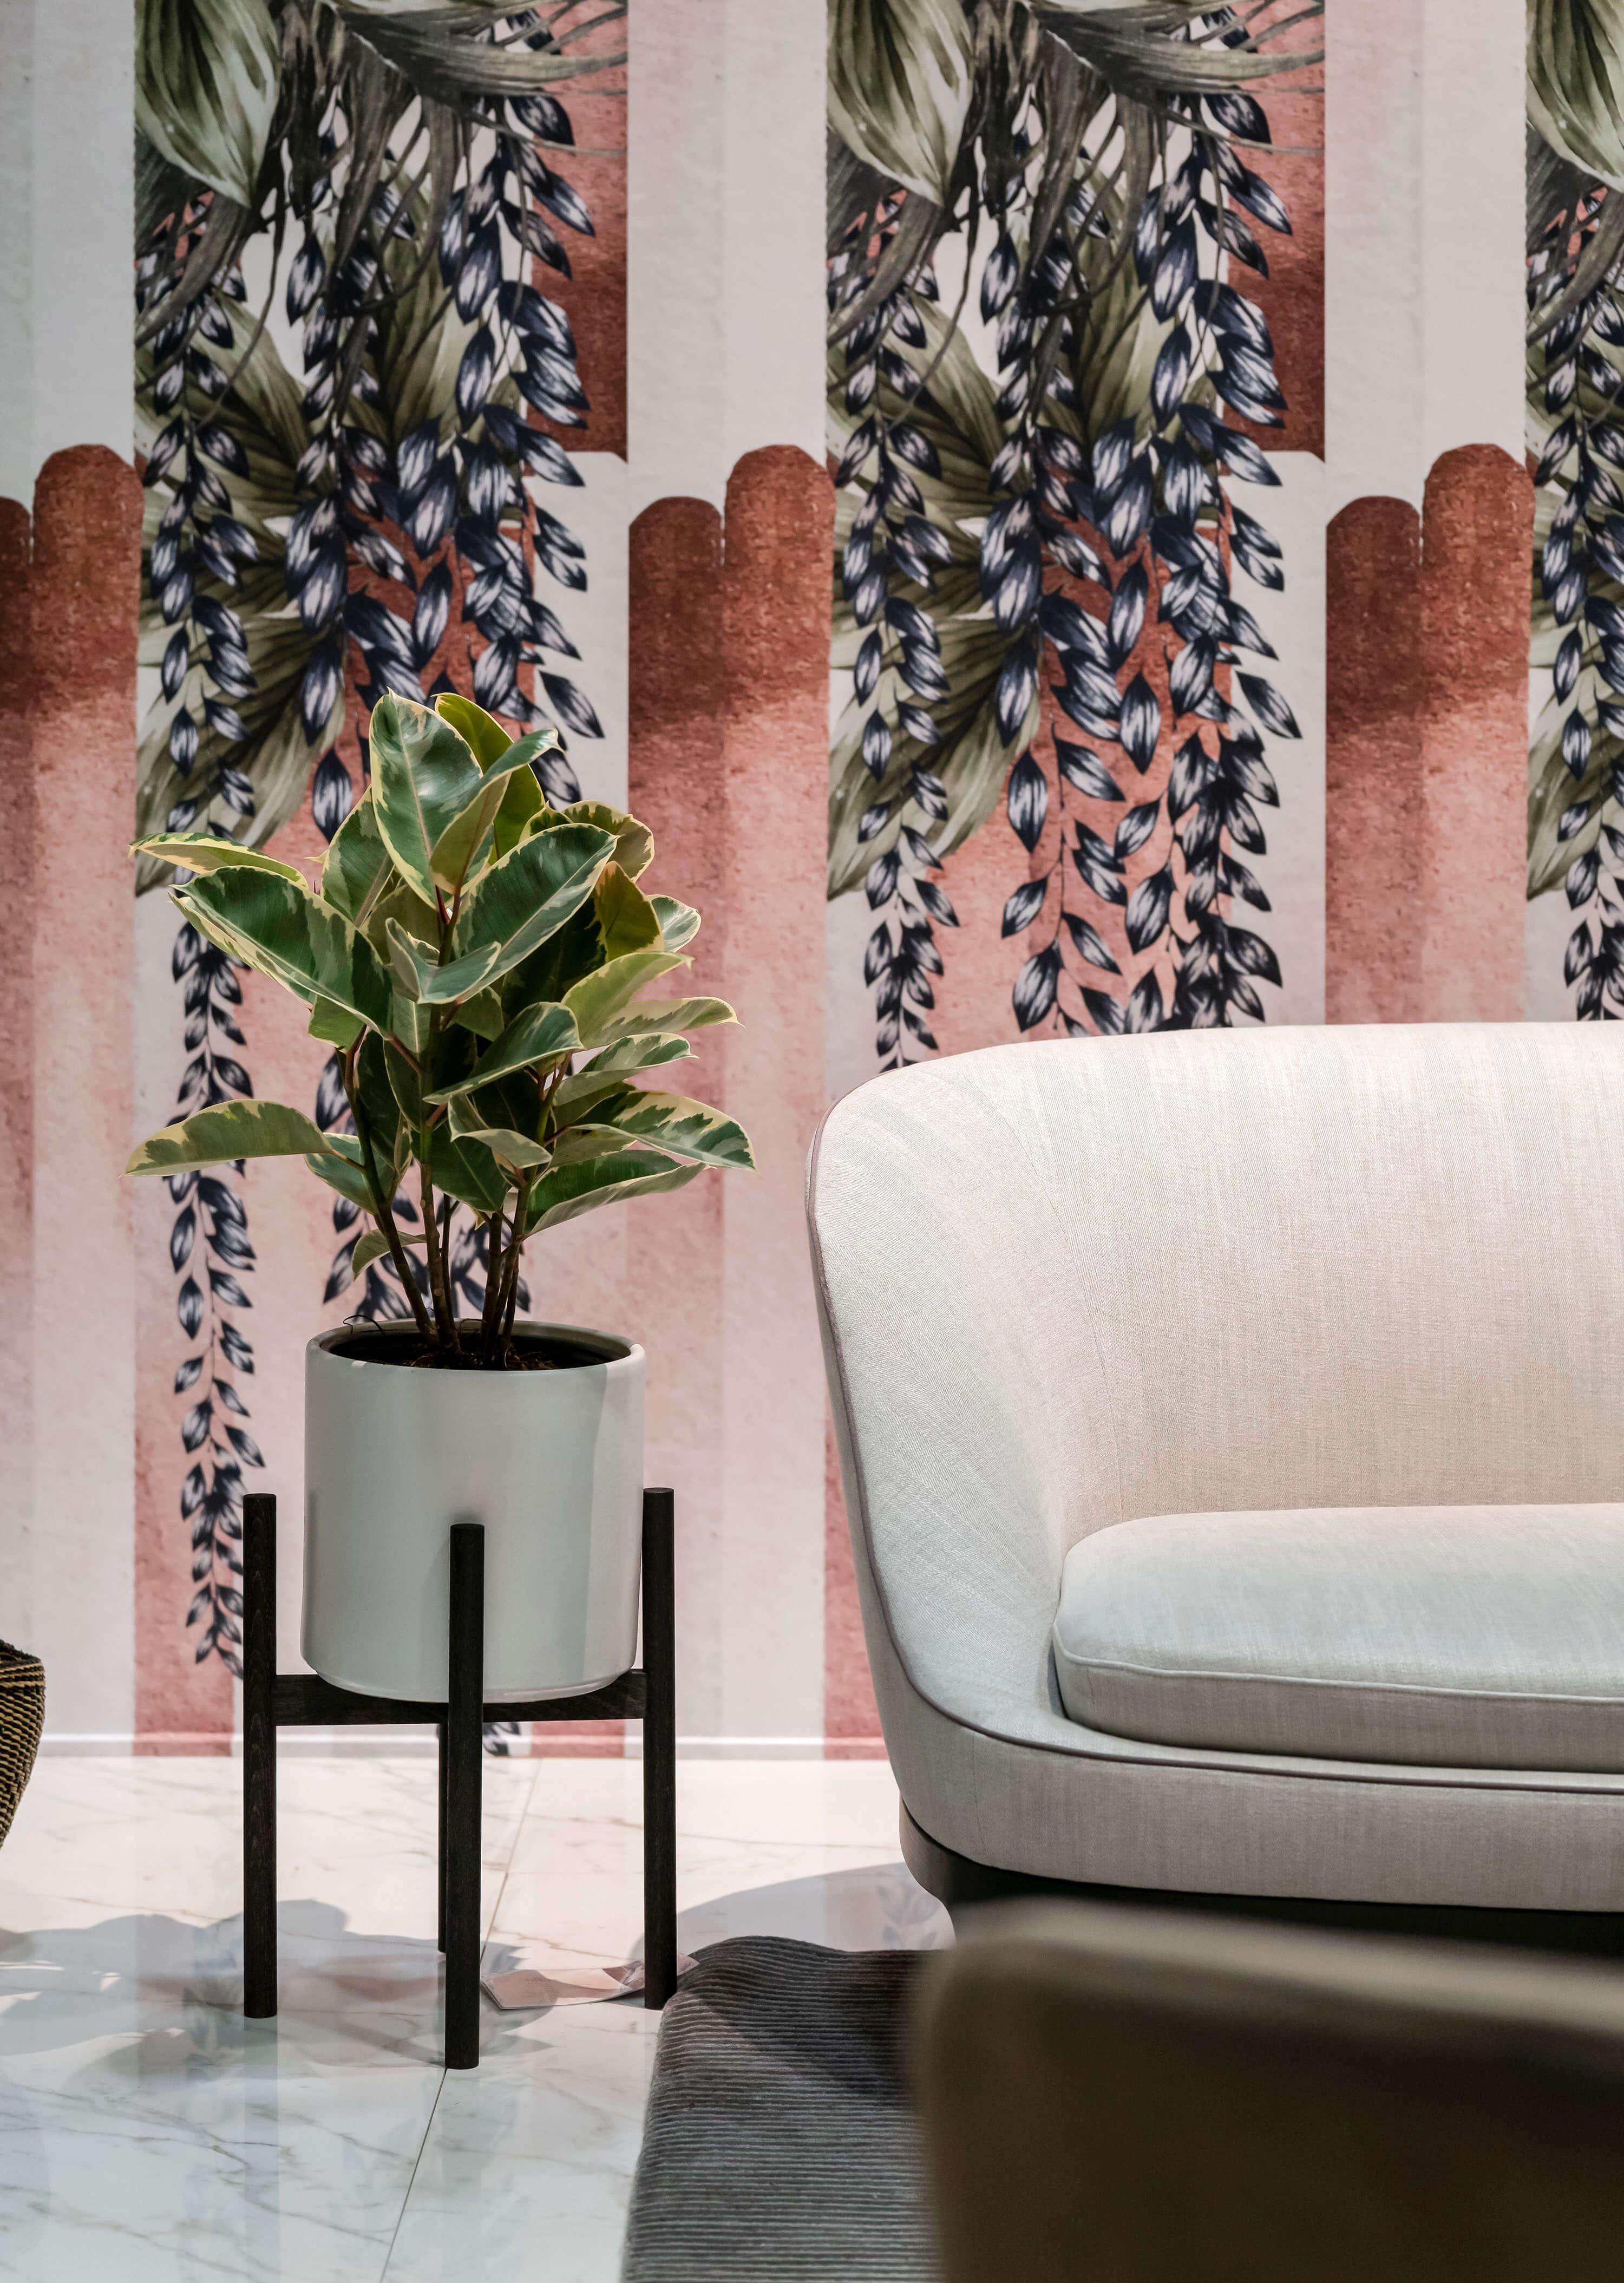 ids 2019, vancouver, interior design, interior designer, canada